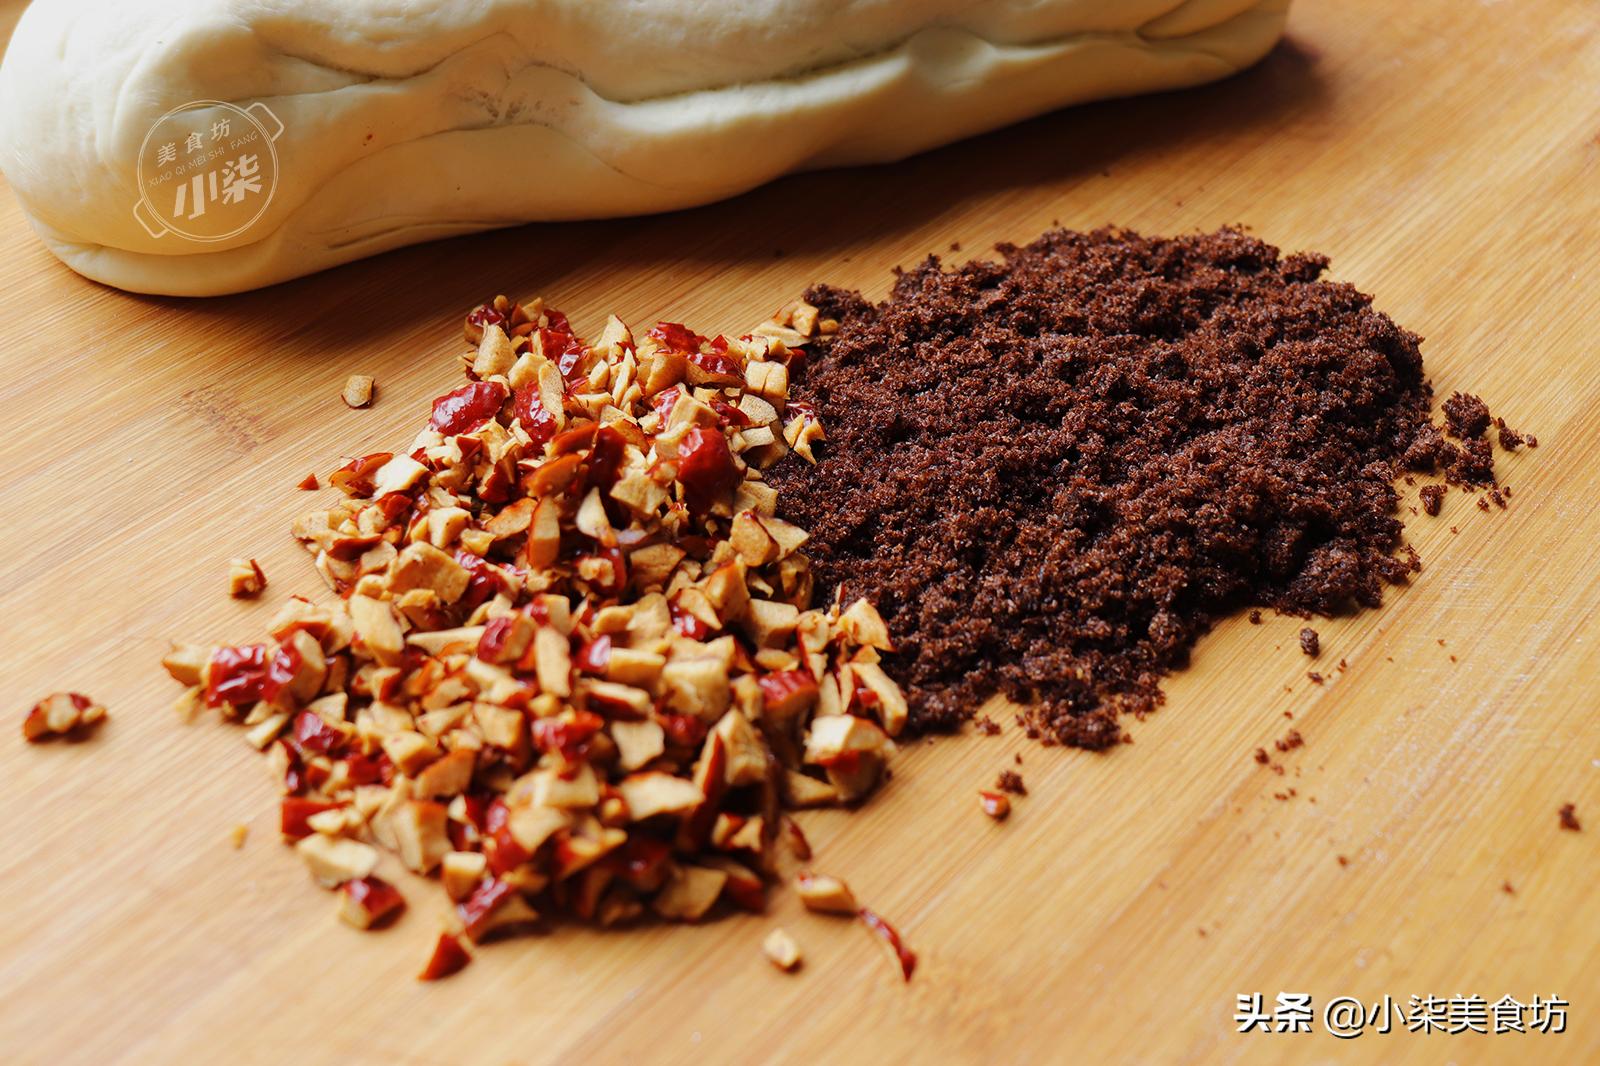 紅糖大棗饅頭正確做法,不用紅糖水,香甜鬆軟又好吃,個個都開花